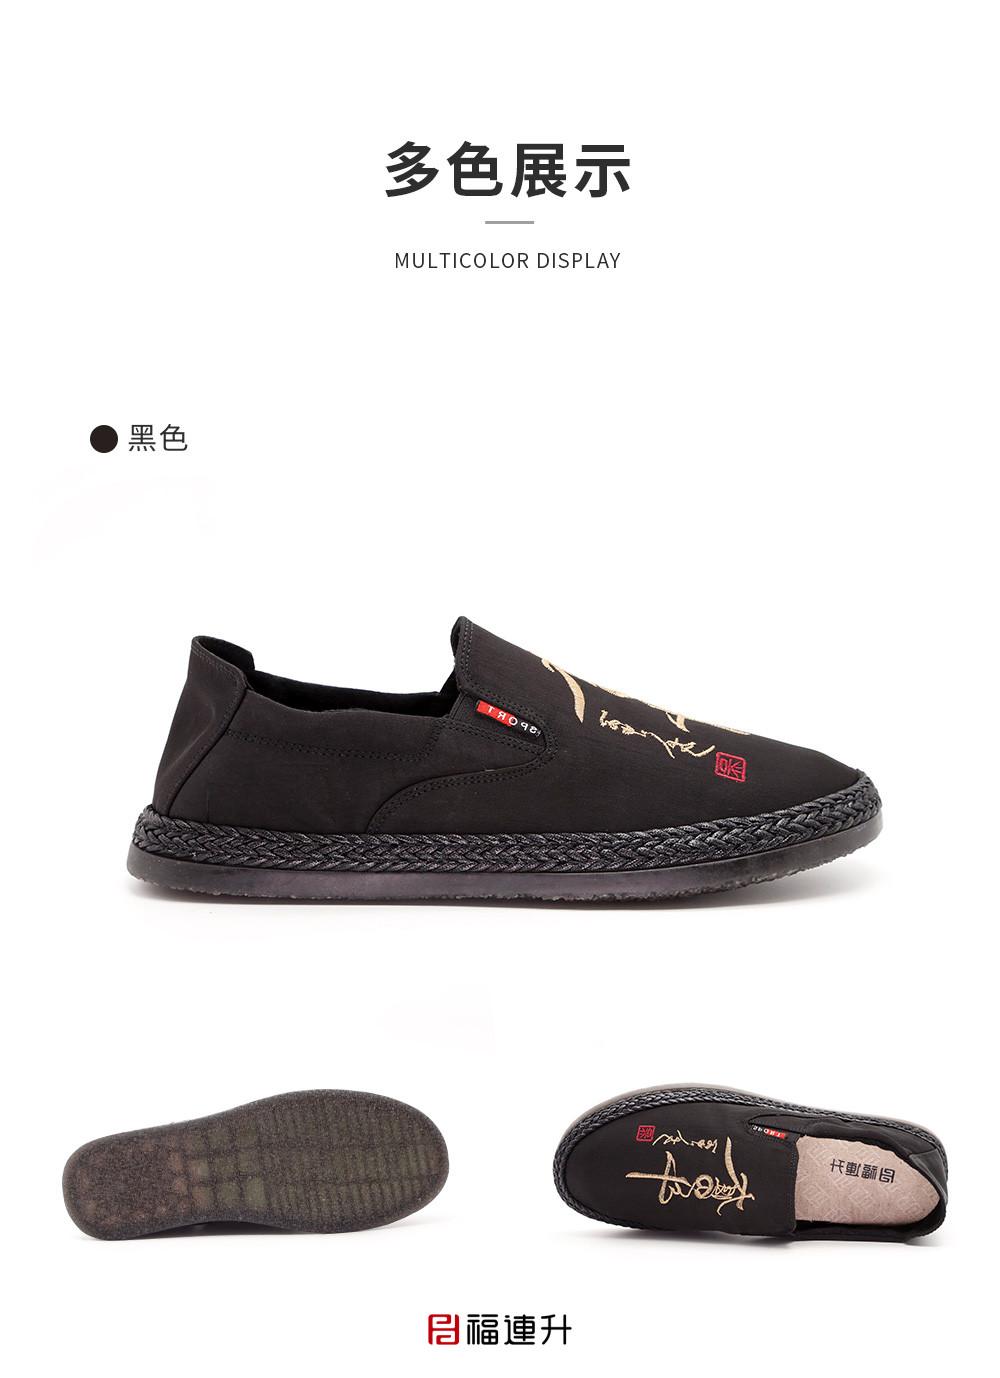 男鞋雨伞布棉麻透气舒适中国风一脚蹬懒人男鞋图片